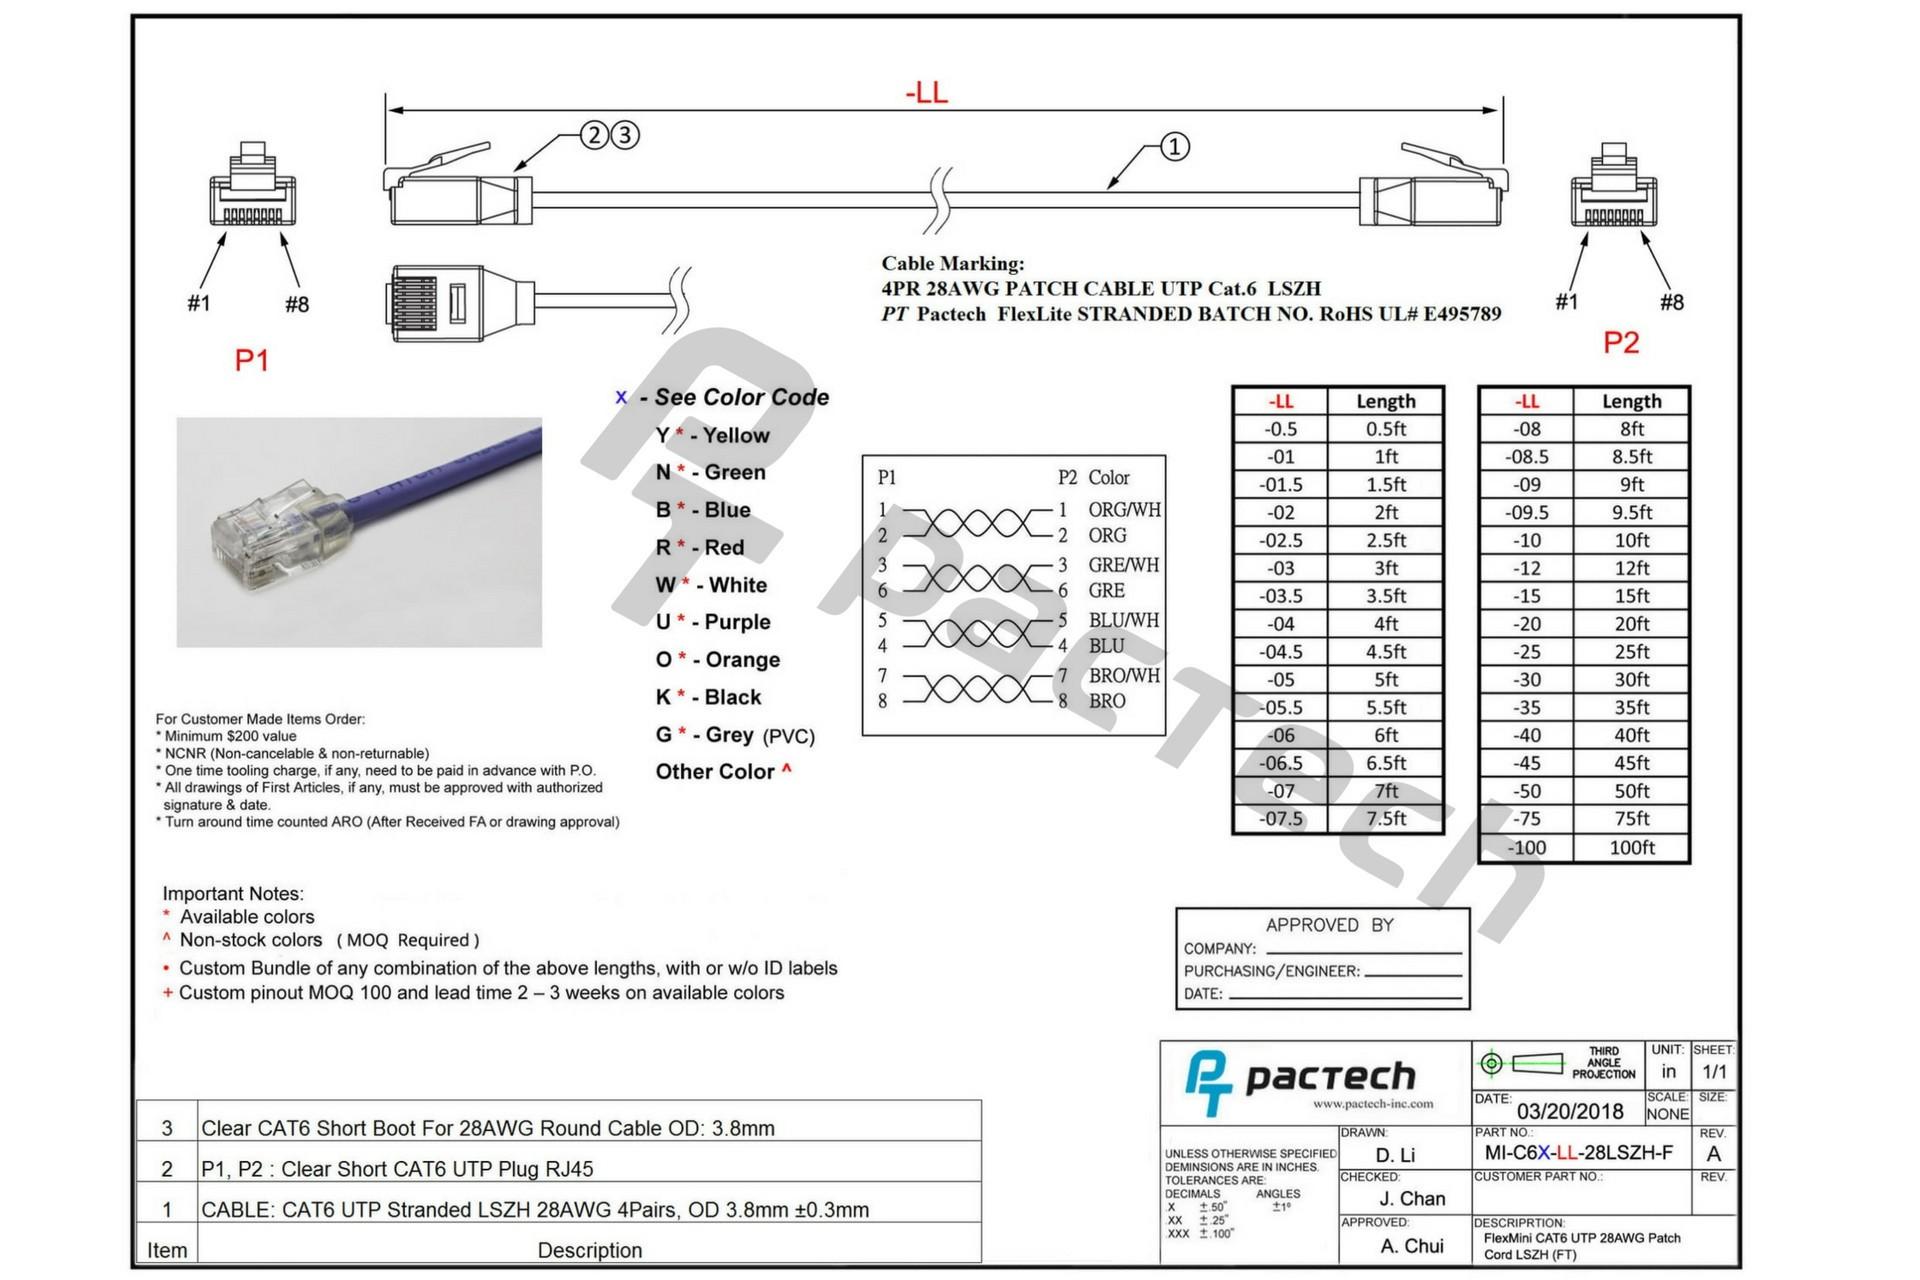 Rj11 Wiring Diagram Using Cat5 New Rj11 Wall Socket Wiring Diagram Australia Fresh Rj45 Wall Socket